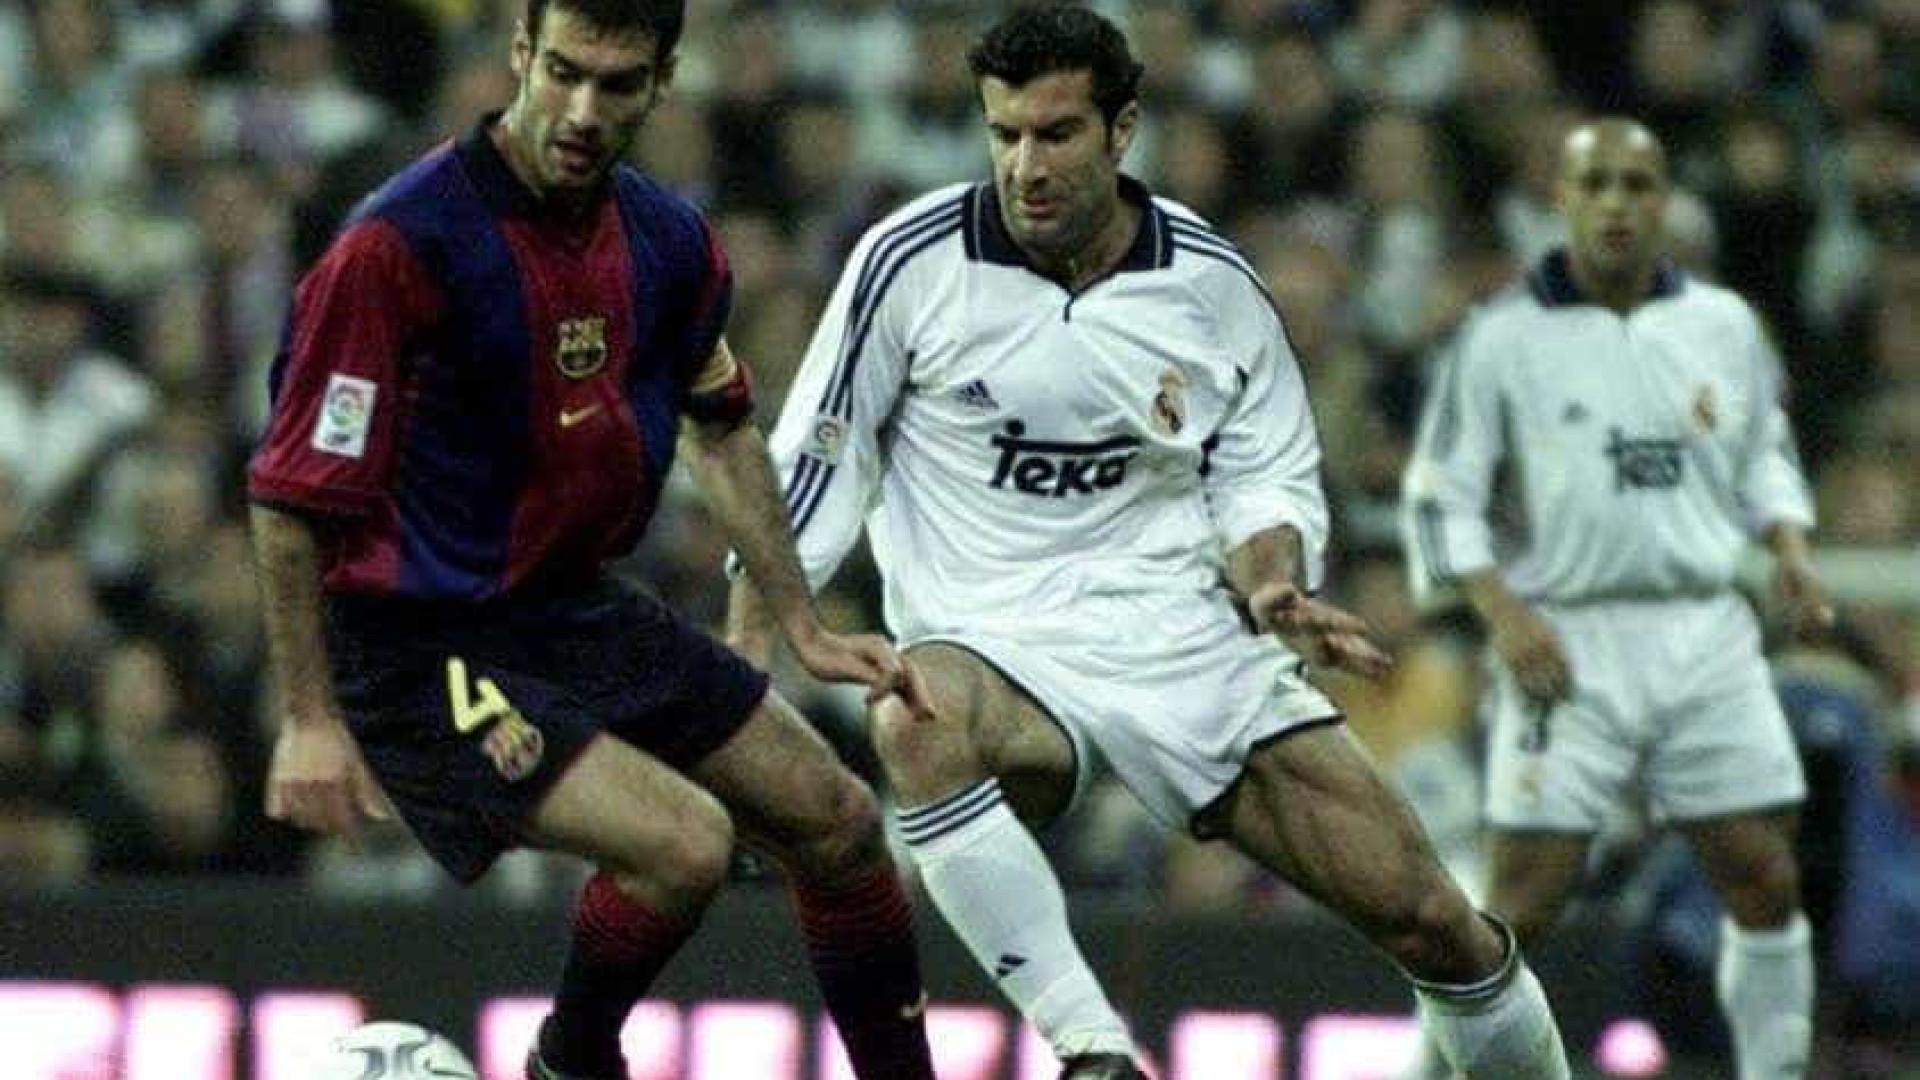 """Ex-Barça lembra 'traição' de Figo e fala em """"rancor desportivo"""""""